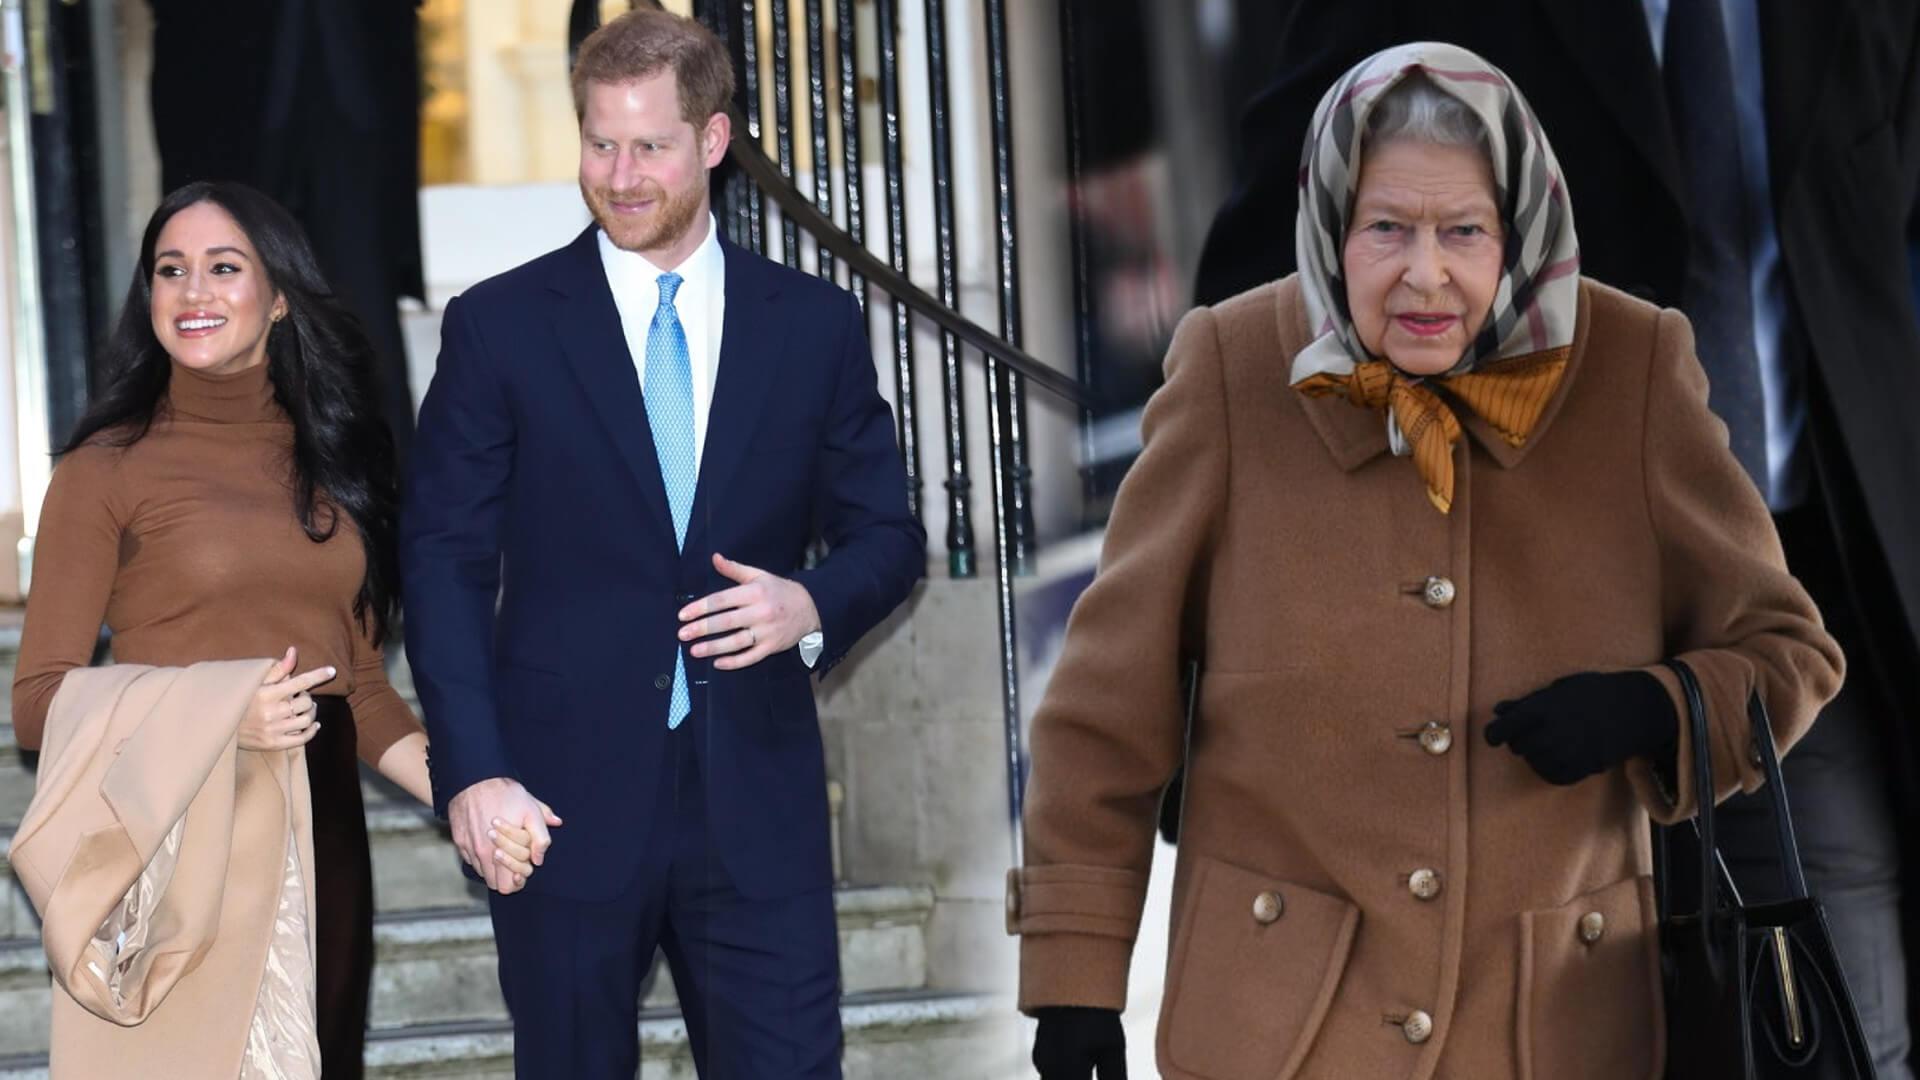 Kolejny SKANDAL w rodzinie królewskiej. Harry i Meghan idą na wojnę z Królową Elżbietą